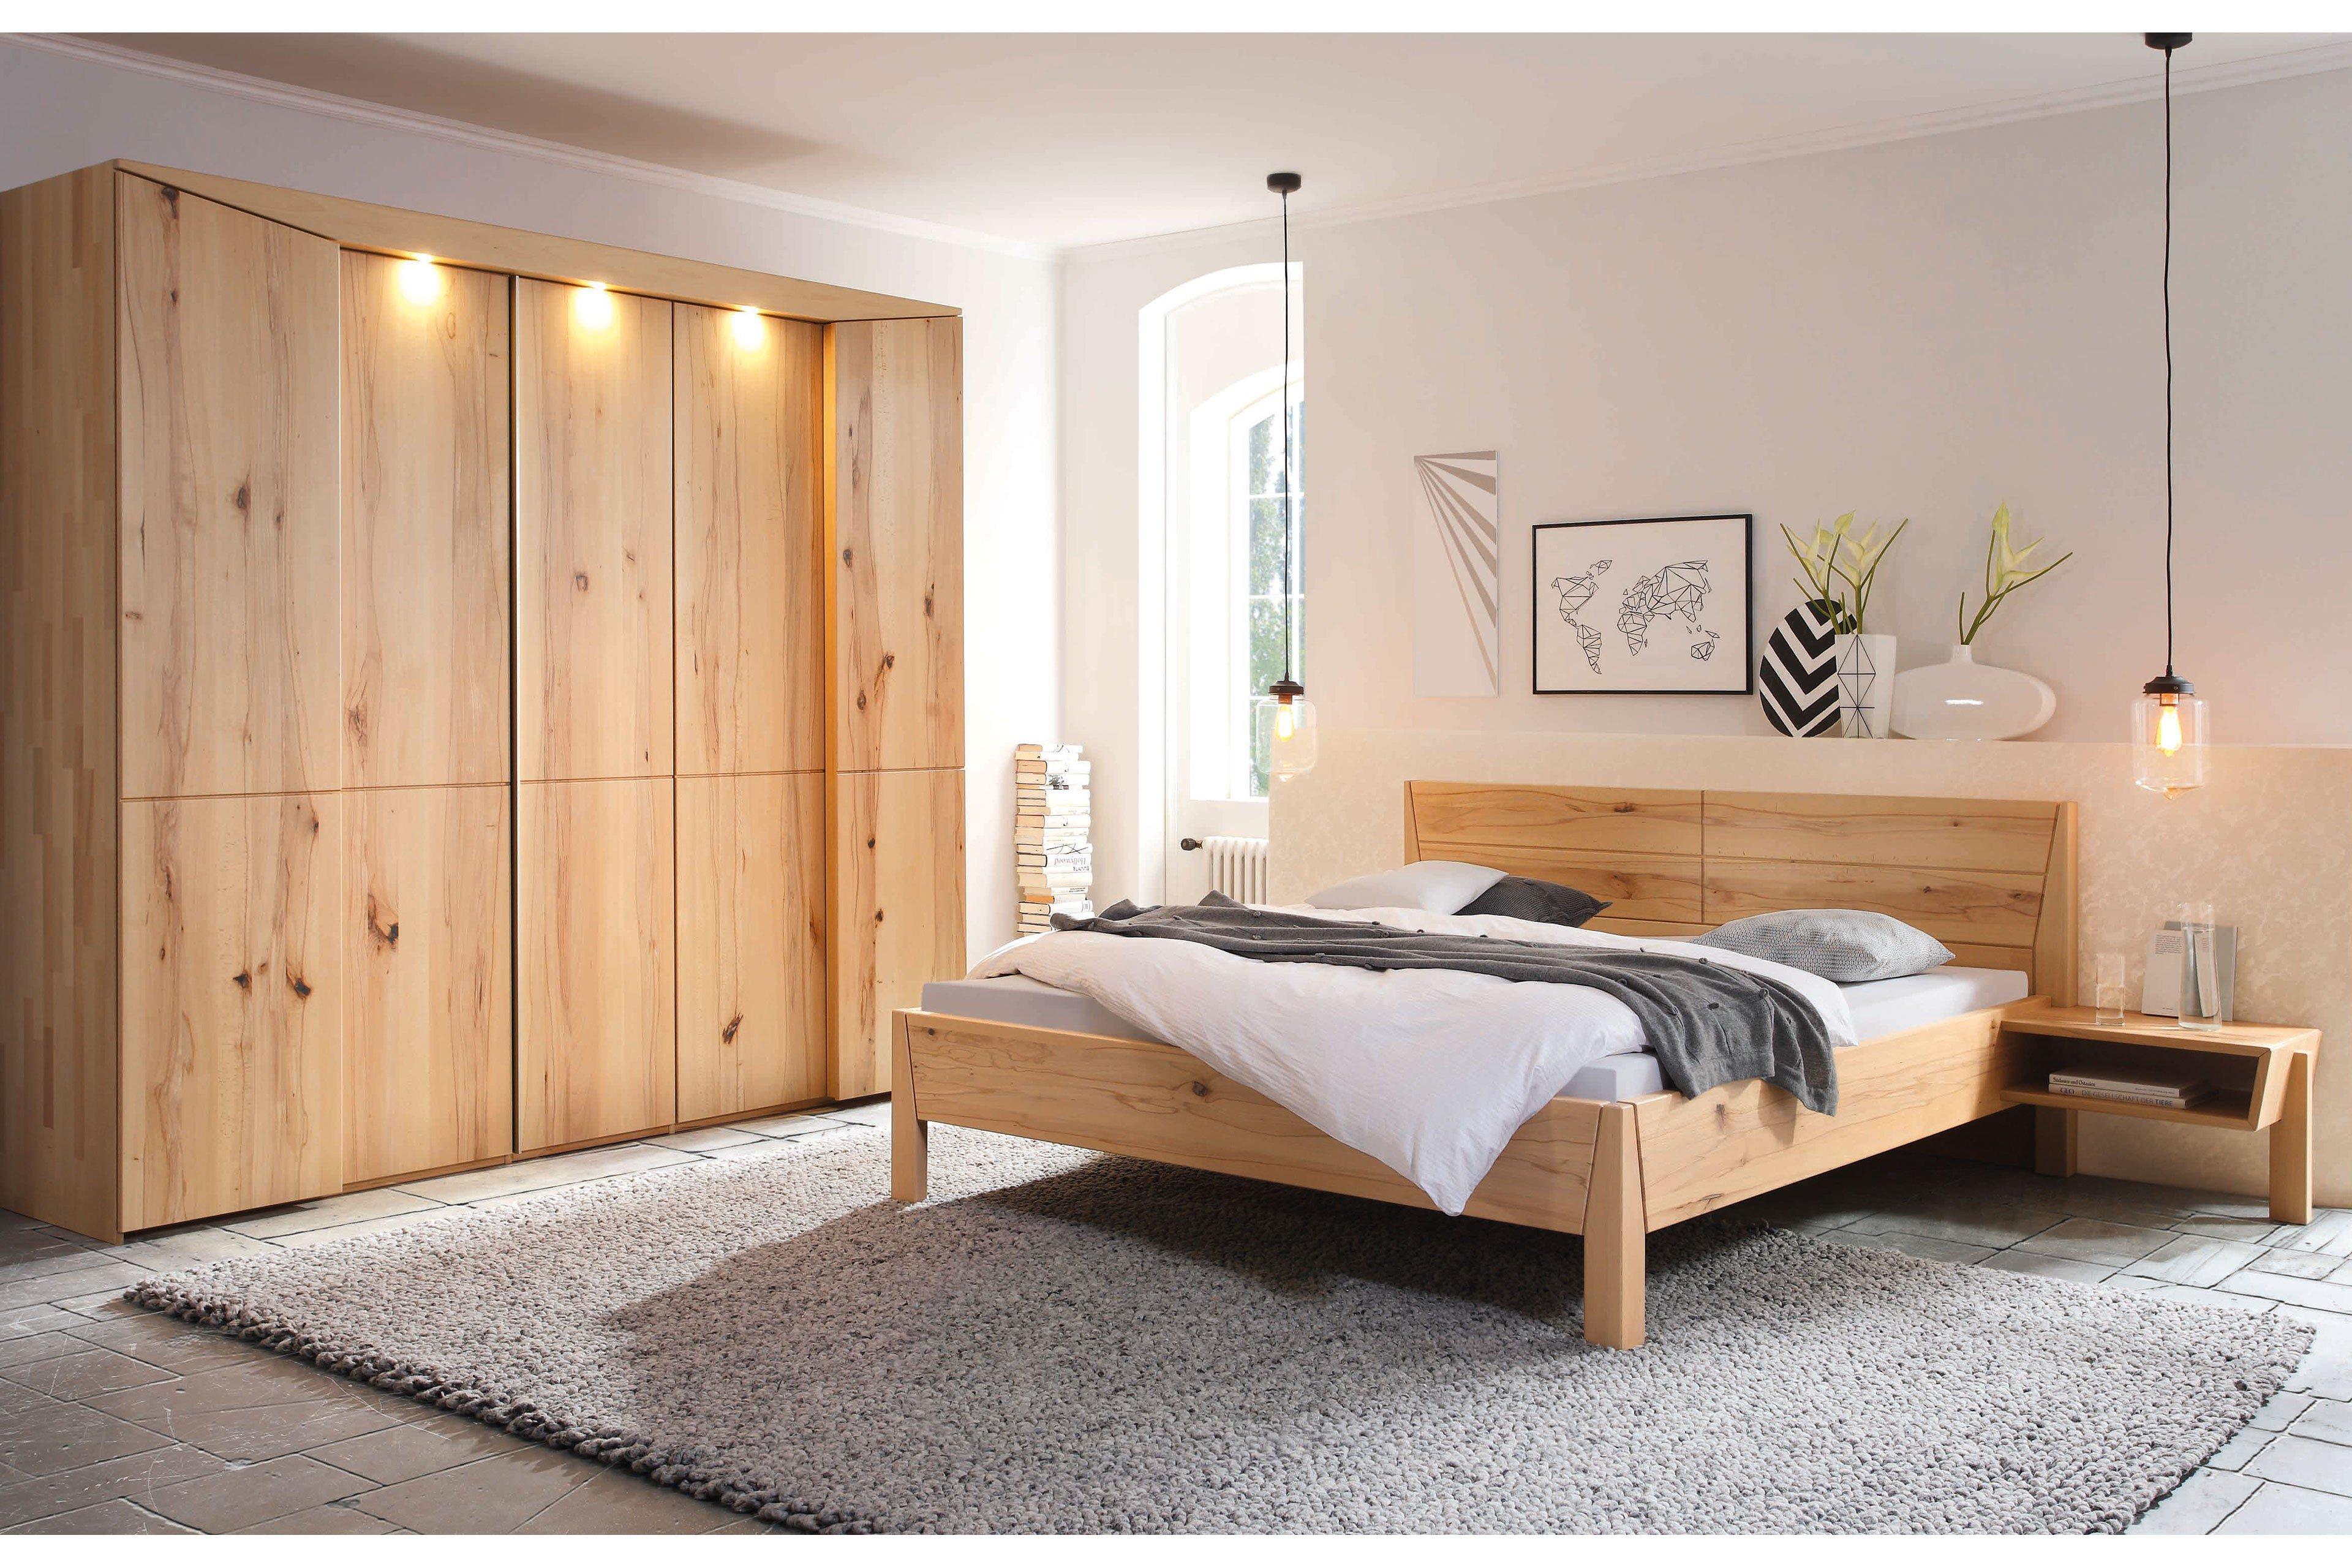 casada schlafzimmer. Black Bedroom Furniture Sets. Home Design Ideas